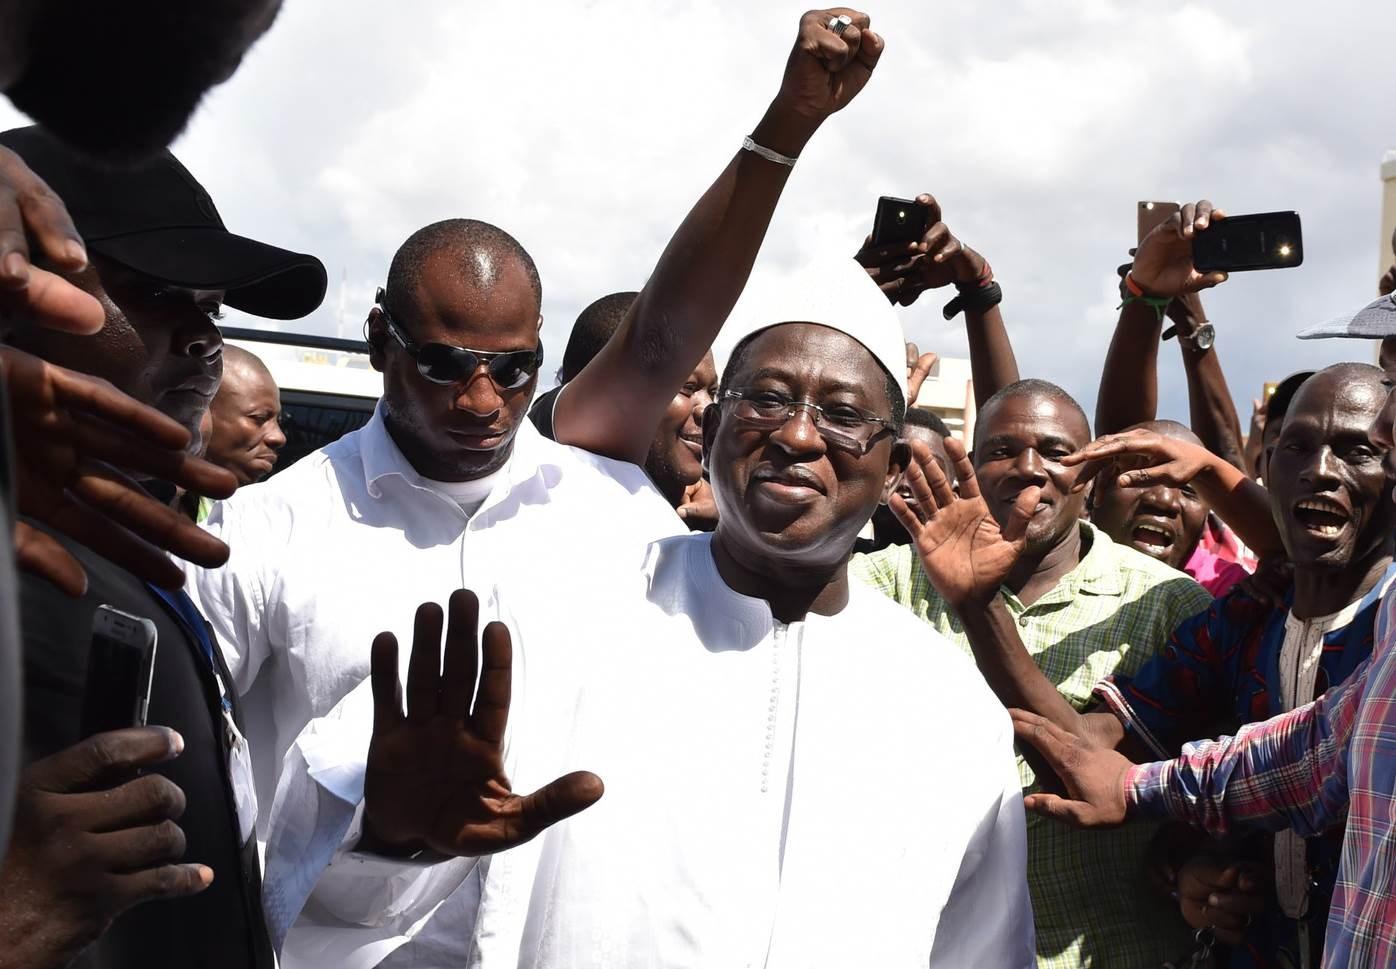 مالي: الإفراج عن زعيم المعارضة إسماعيلا سيسي وآخرين